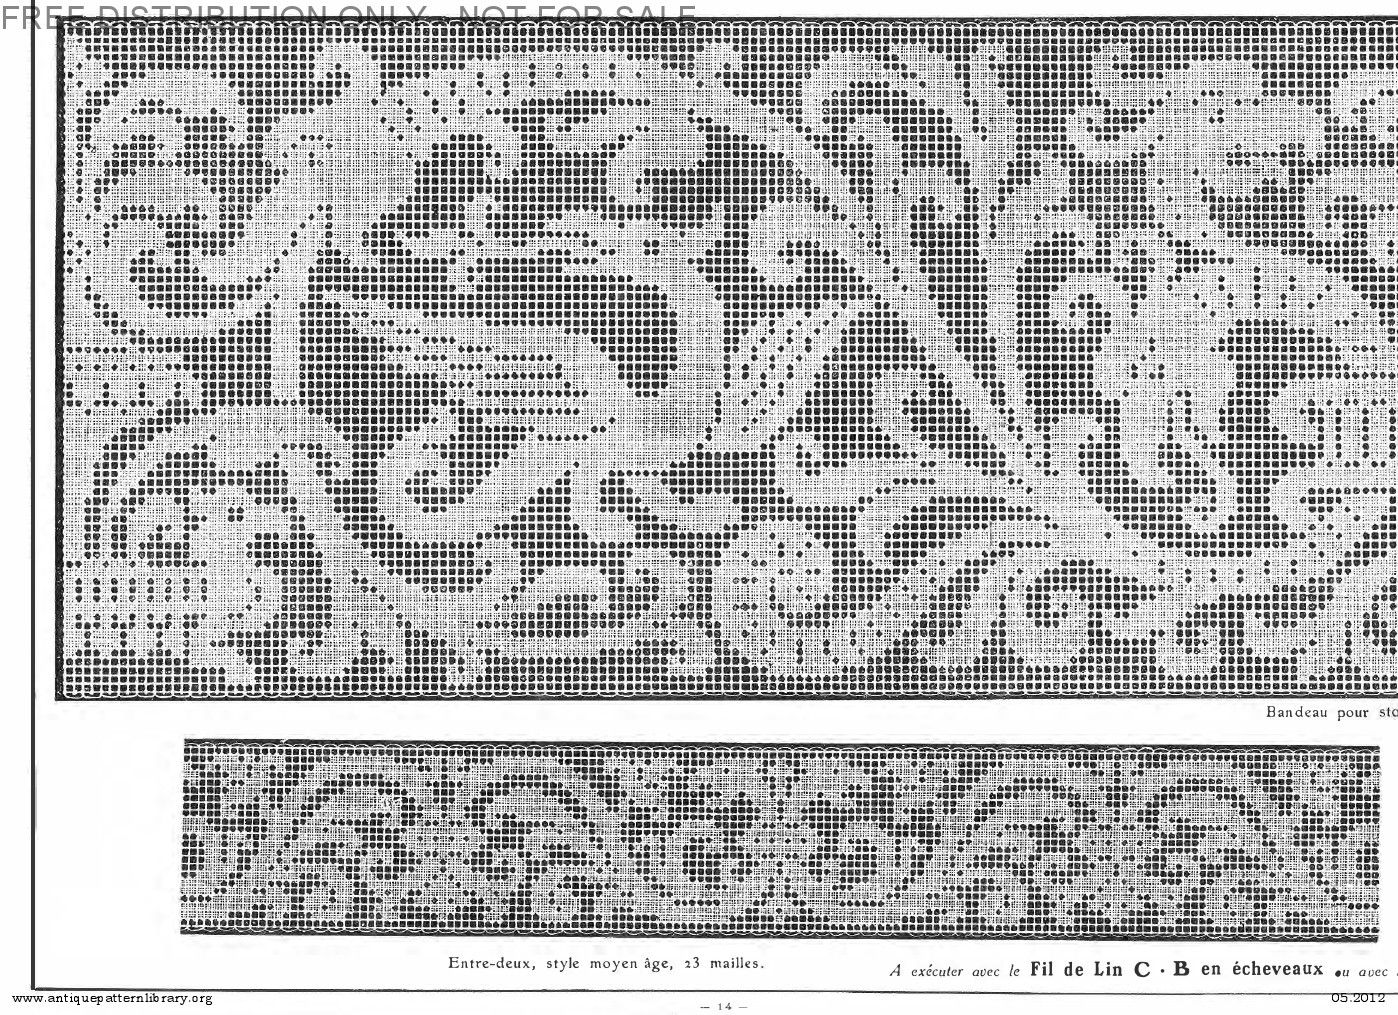 Pin de Stacy Mishina en Crochet: Filet | Pinterest